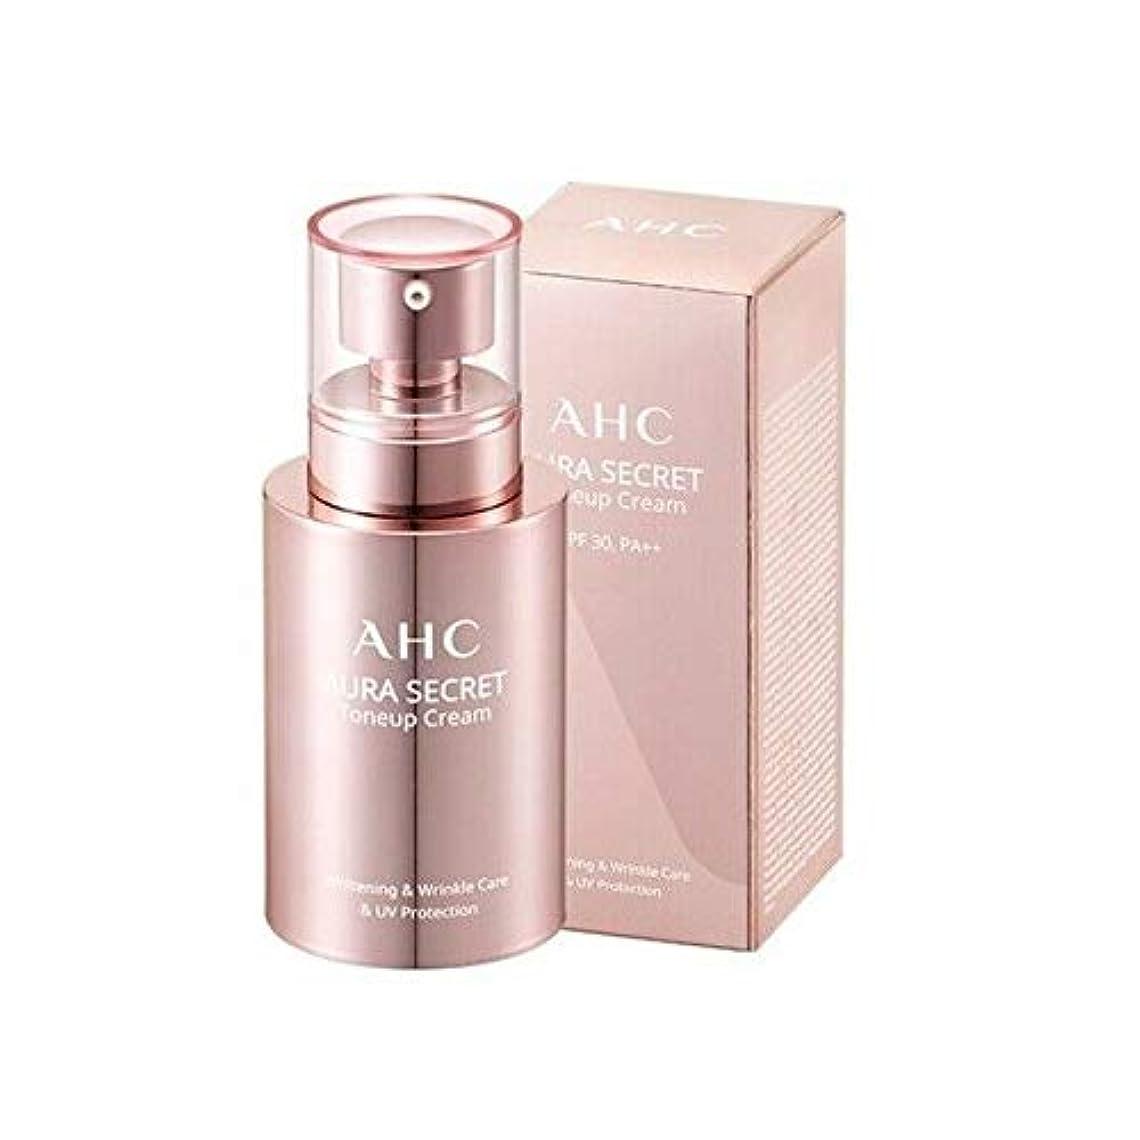 モネ努力評価する[ギフト付き] AHC オーラ シークレット トーンアップ クリーム SPF30/PA++ 50g / AHC Aura Secret Tone Up Cream Pink